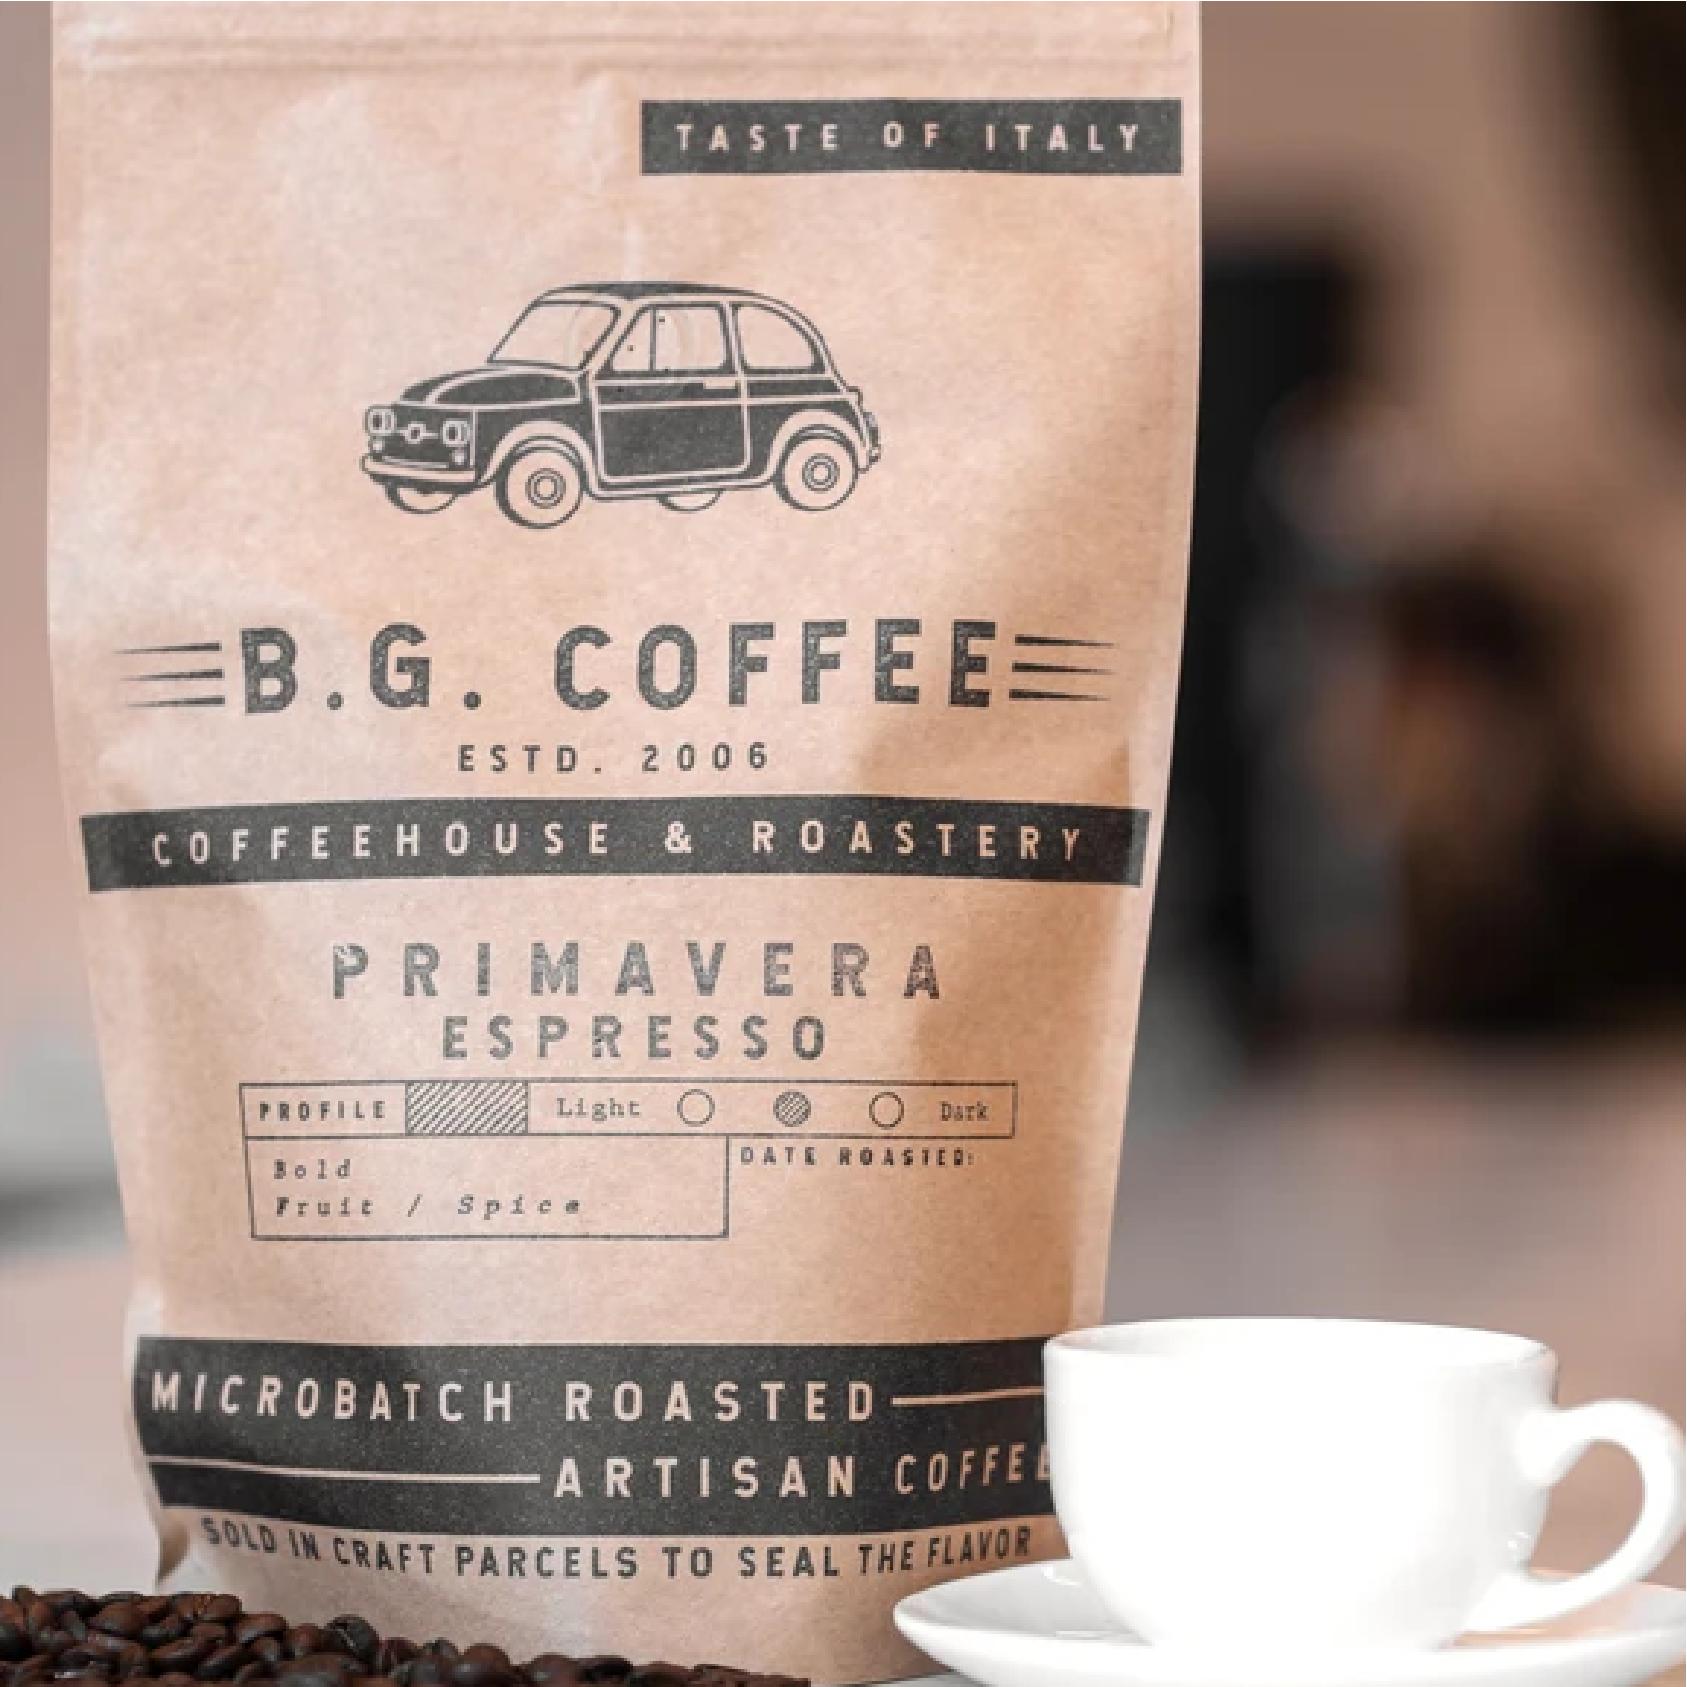 Espresso Primavera from Buon Giorno Coffee